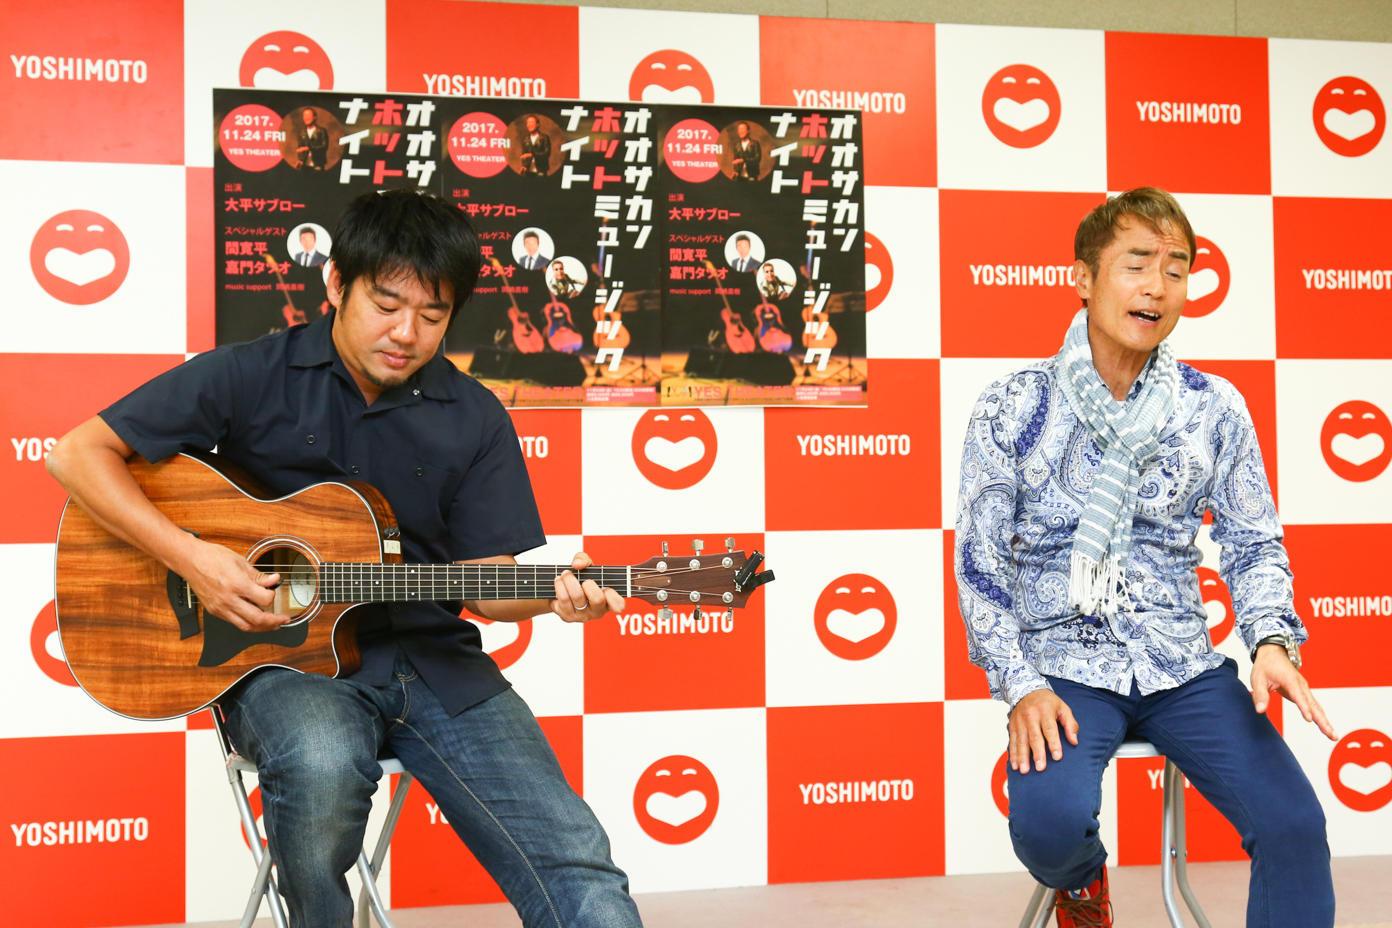 http://news.yoshimoto.co.jp/20170929092913-01c80b00f79b97fd0aae25bb784f73e381d9d514.jpg